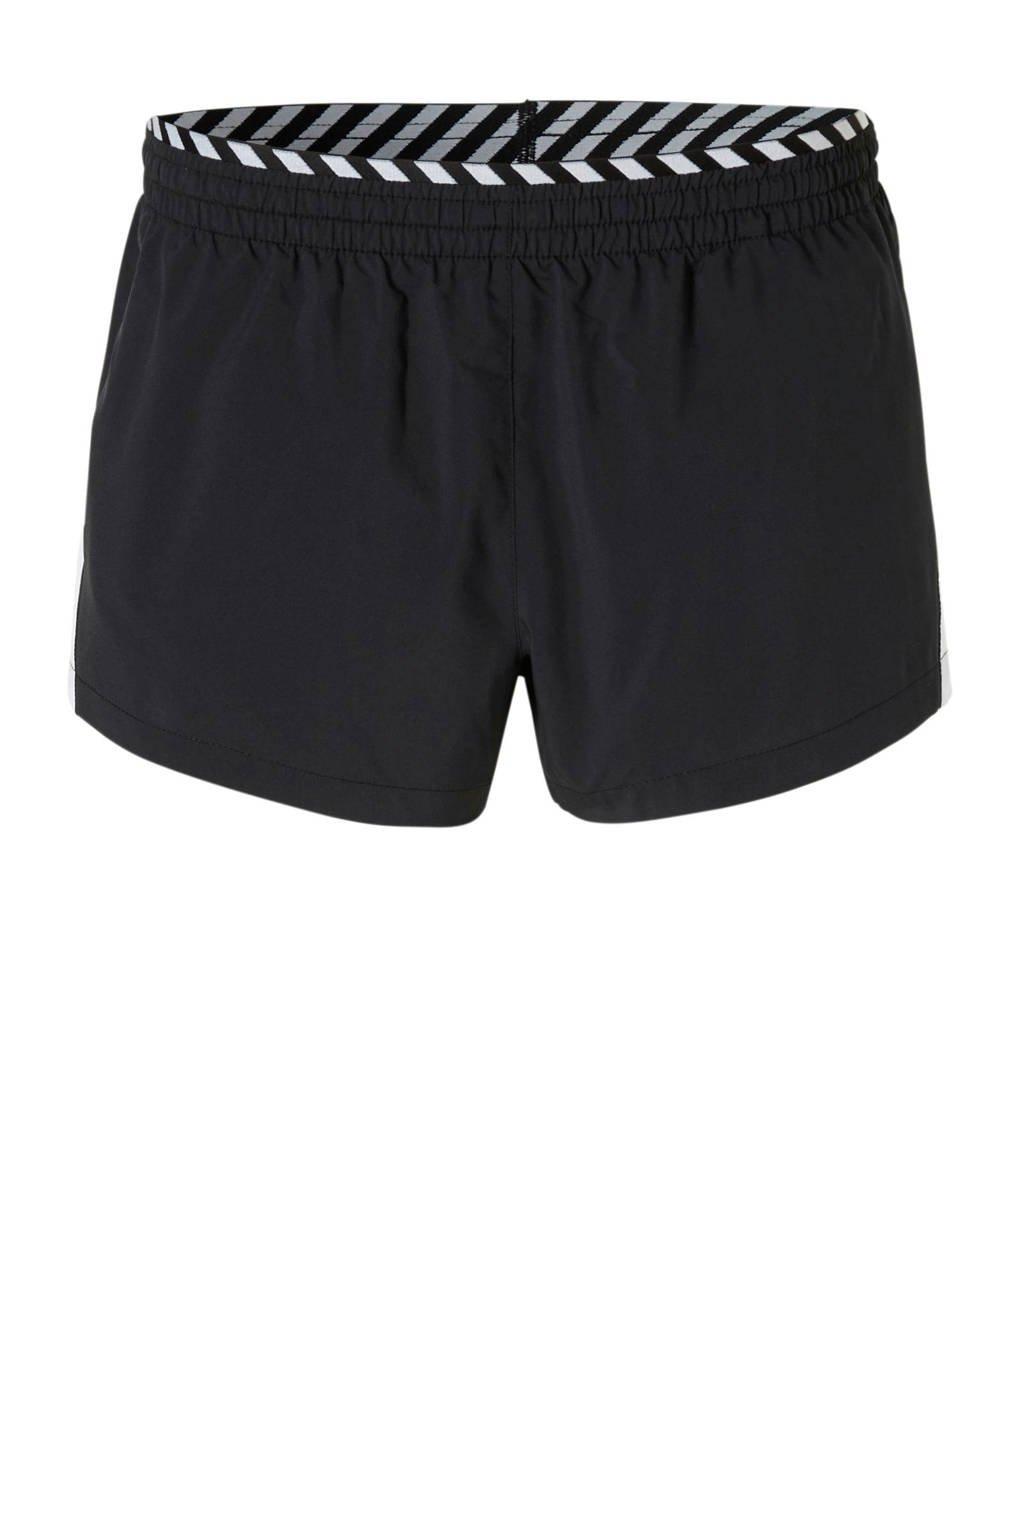 Nike sportshort zwart/wit, Zwart/wit